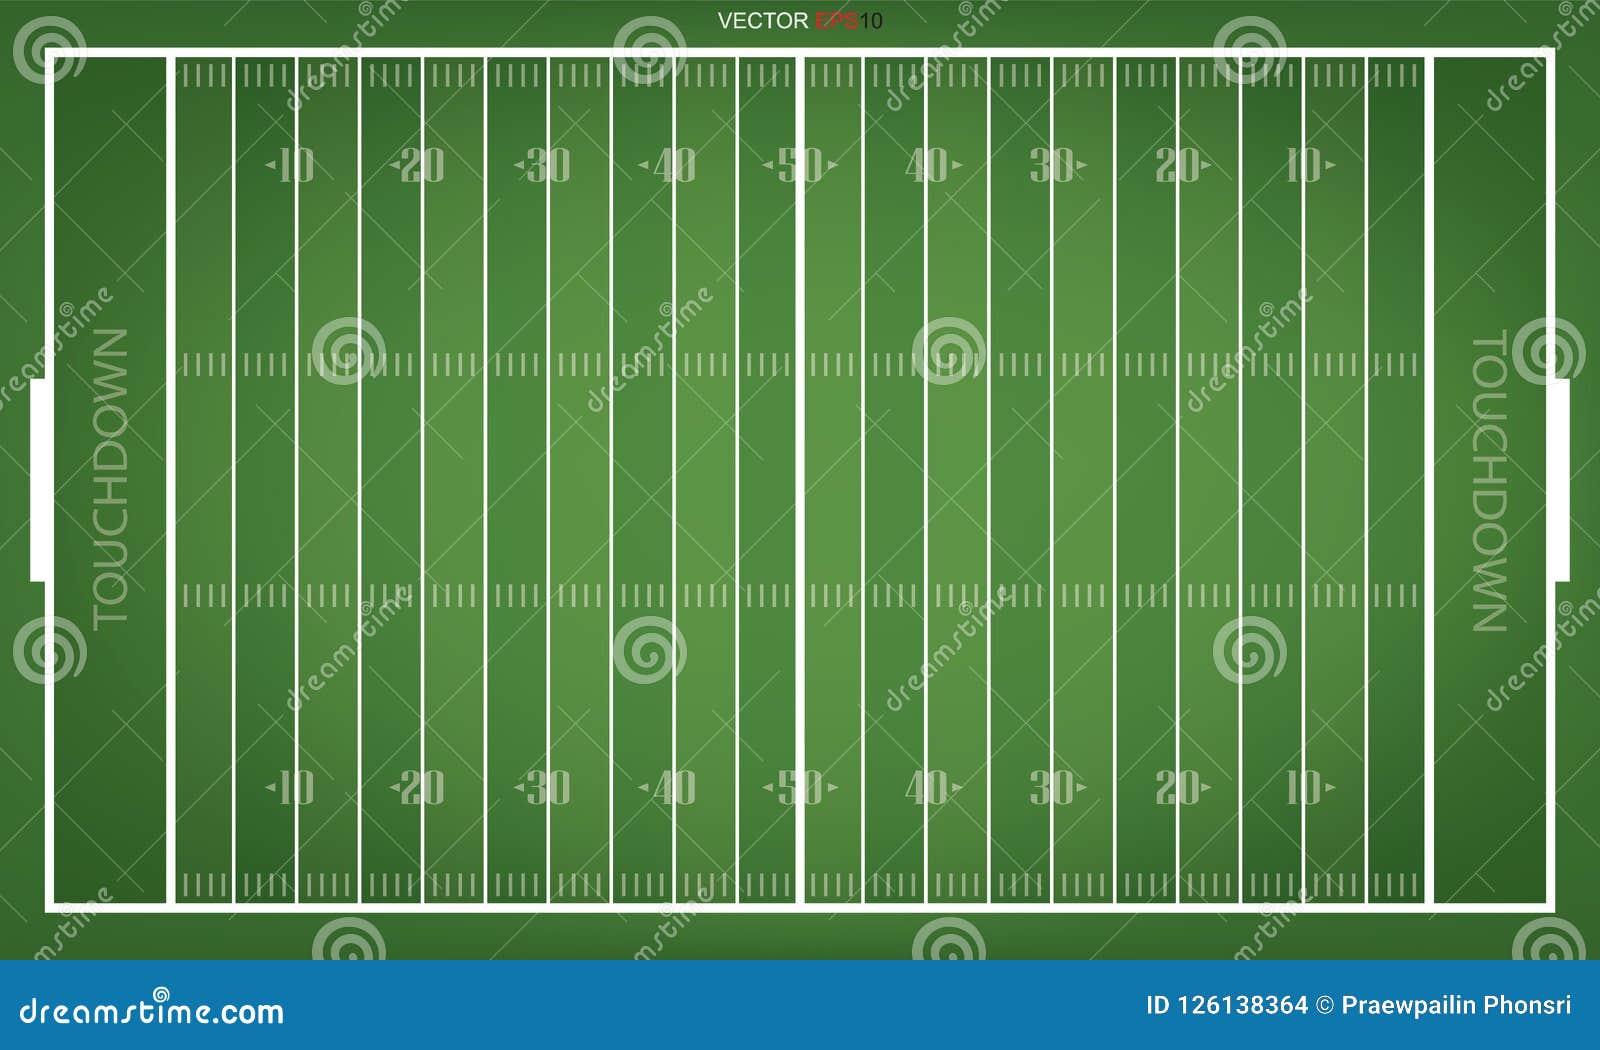 Bästa sikter av fältet för amerikansk fotboll vektor